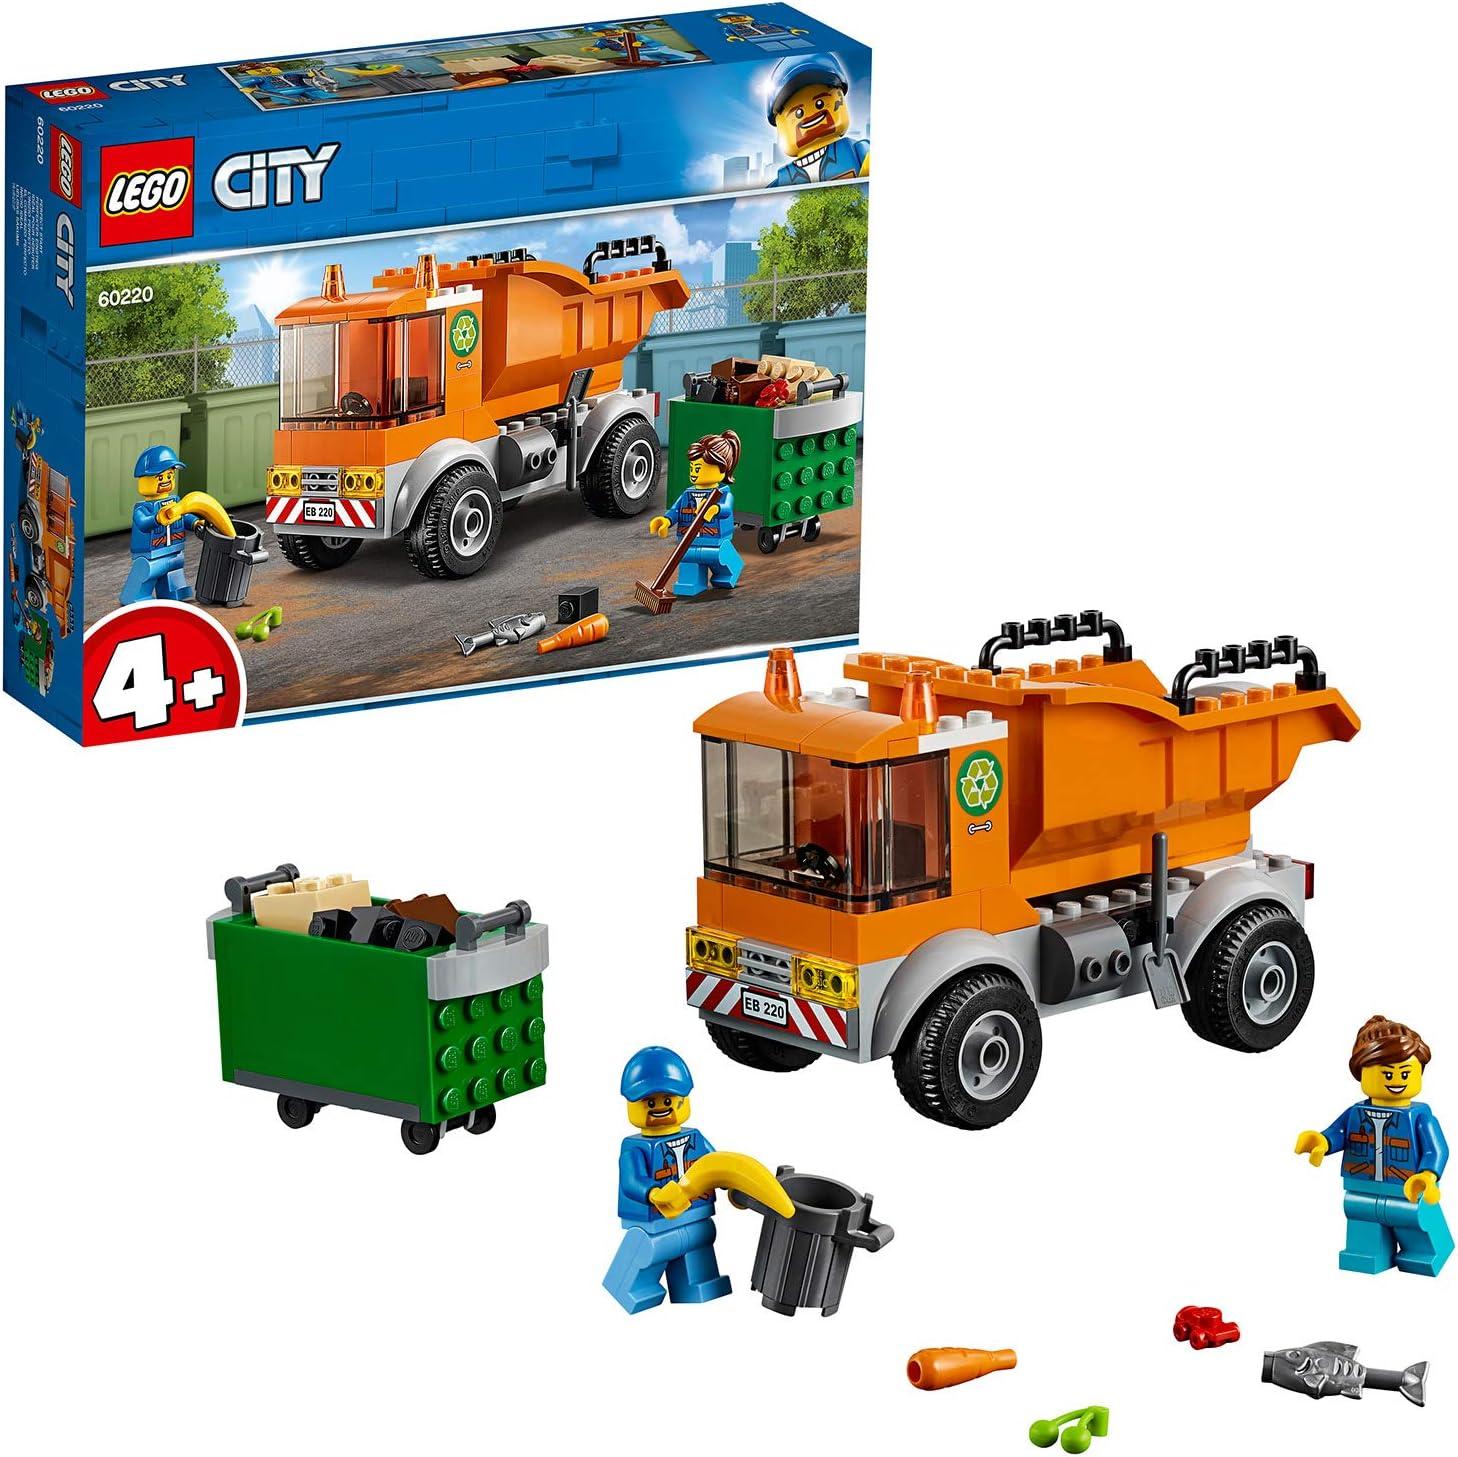 LEGO City - Great Vehicles Camión de La Basura, Juguete Creativo de Construcción para Niños y Niñas con Accesorios Y Detalles (60220)